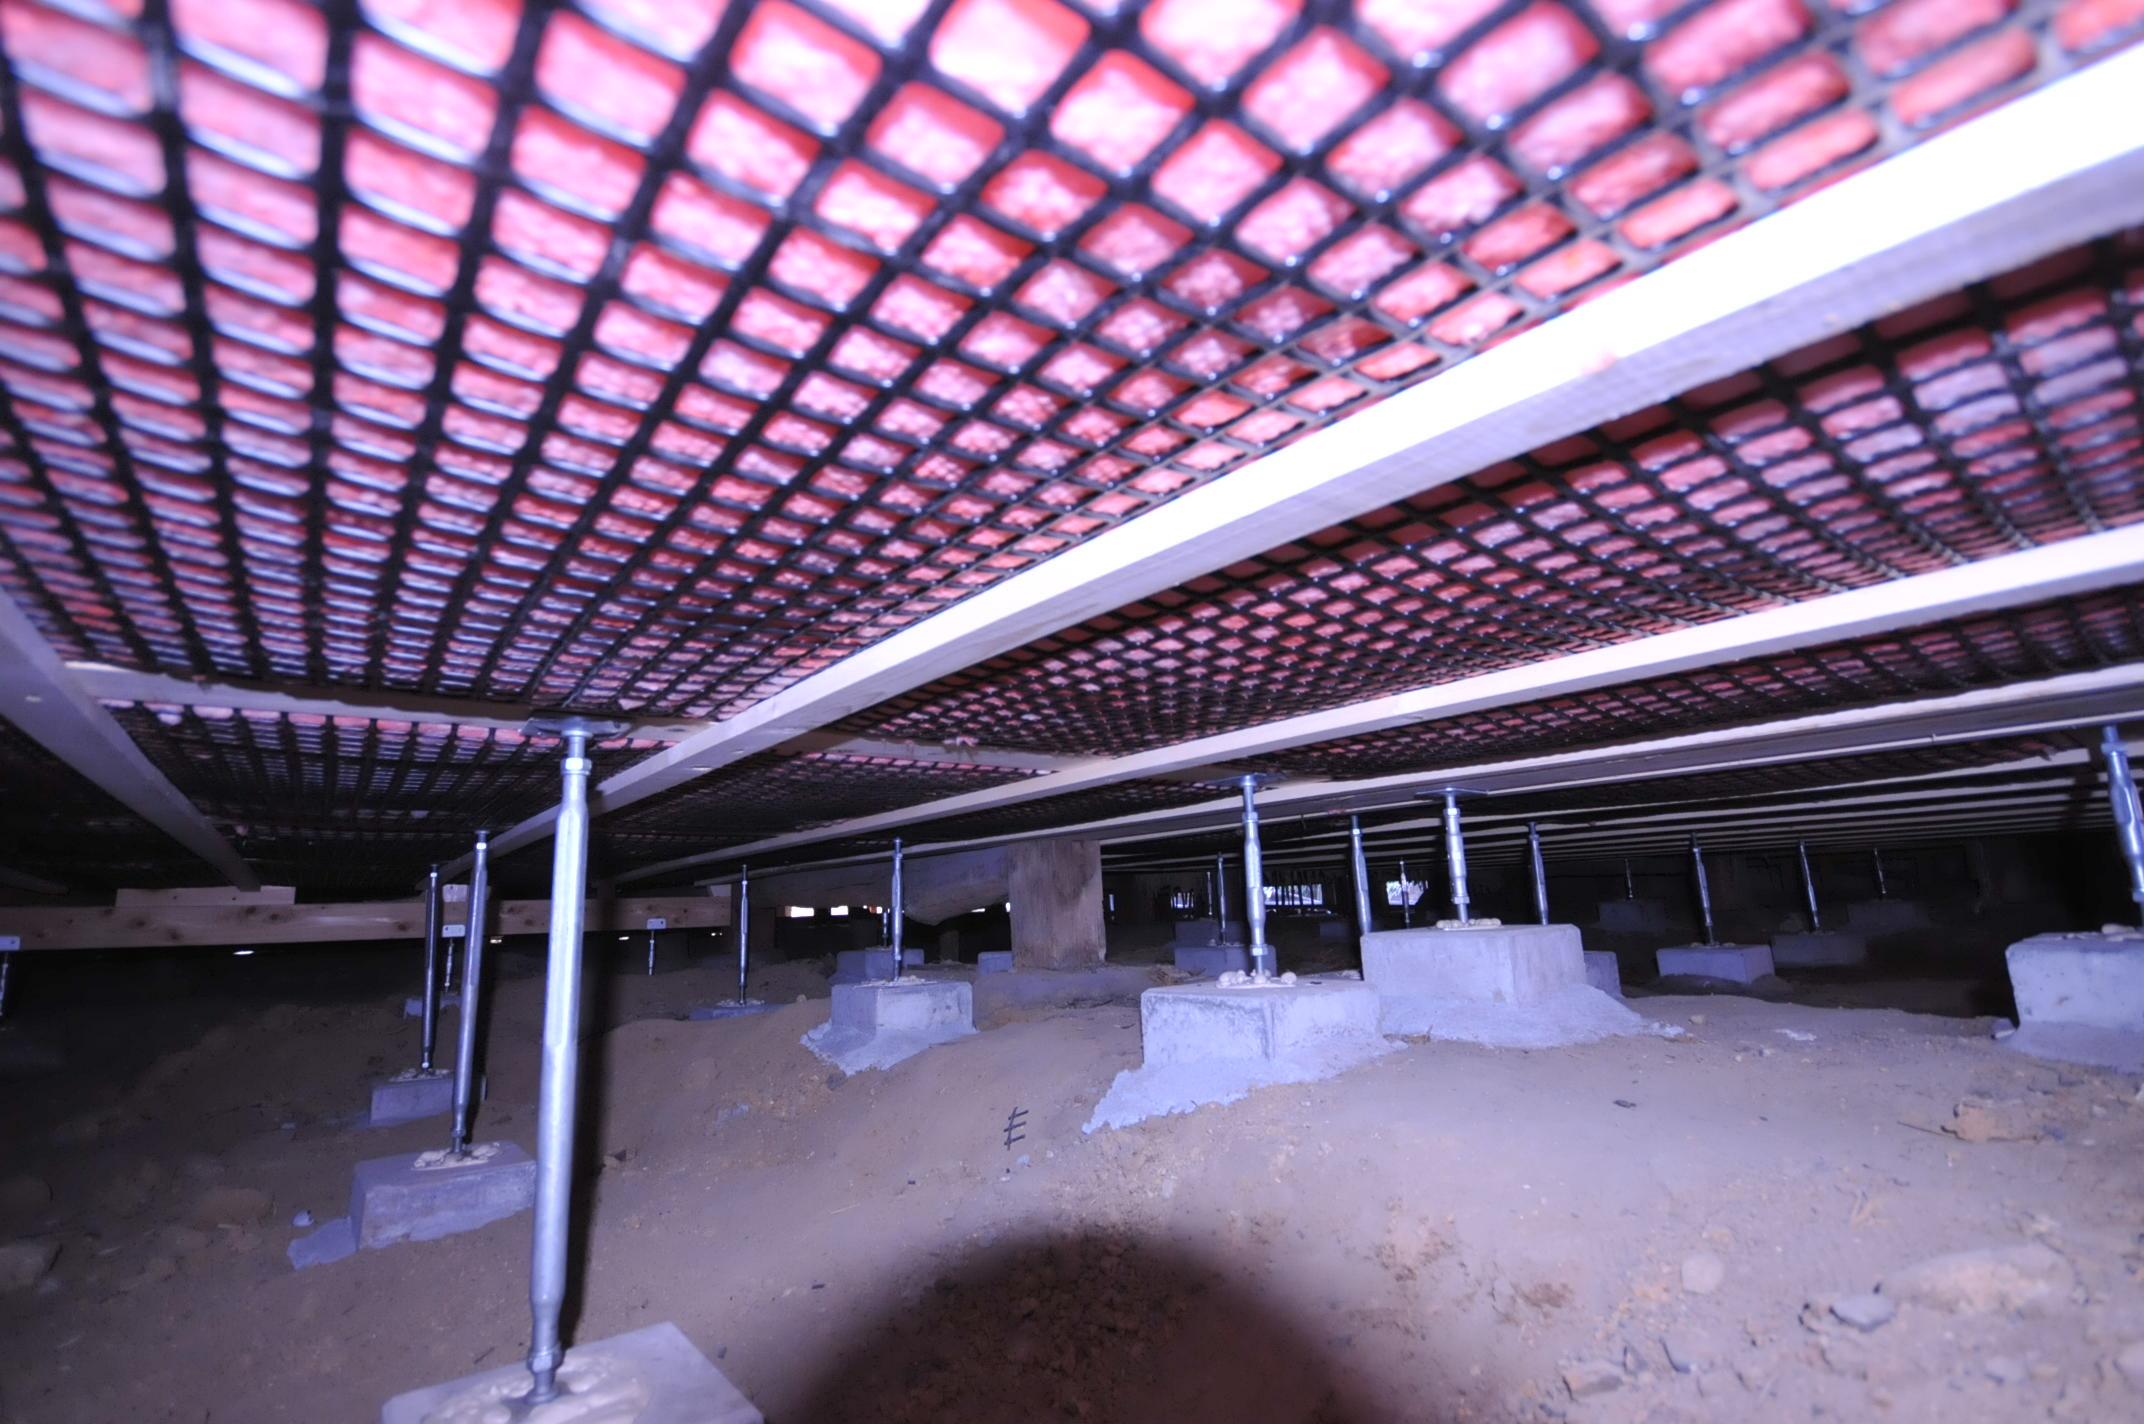 【床下 断熱施工】グラスウールが垂れさがらないようにトリカルネットを採用。床下断熱には、北海道や東北で使用されている高性能グラスウールSUNを150mm充填いたしました。